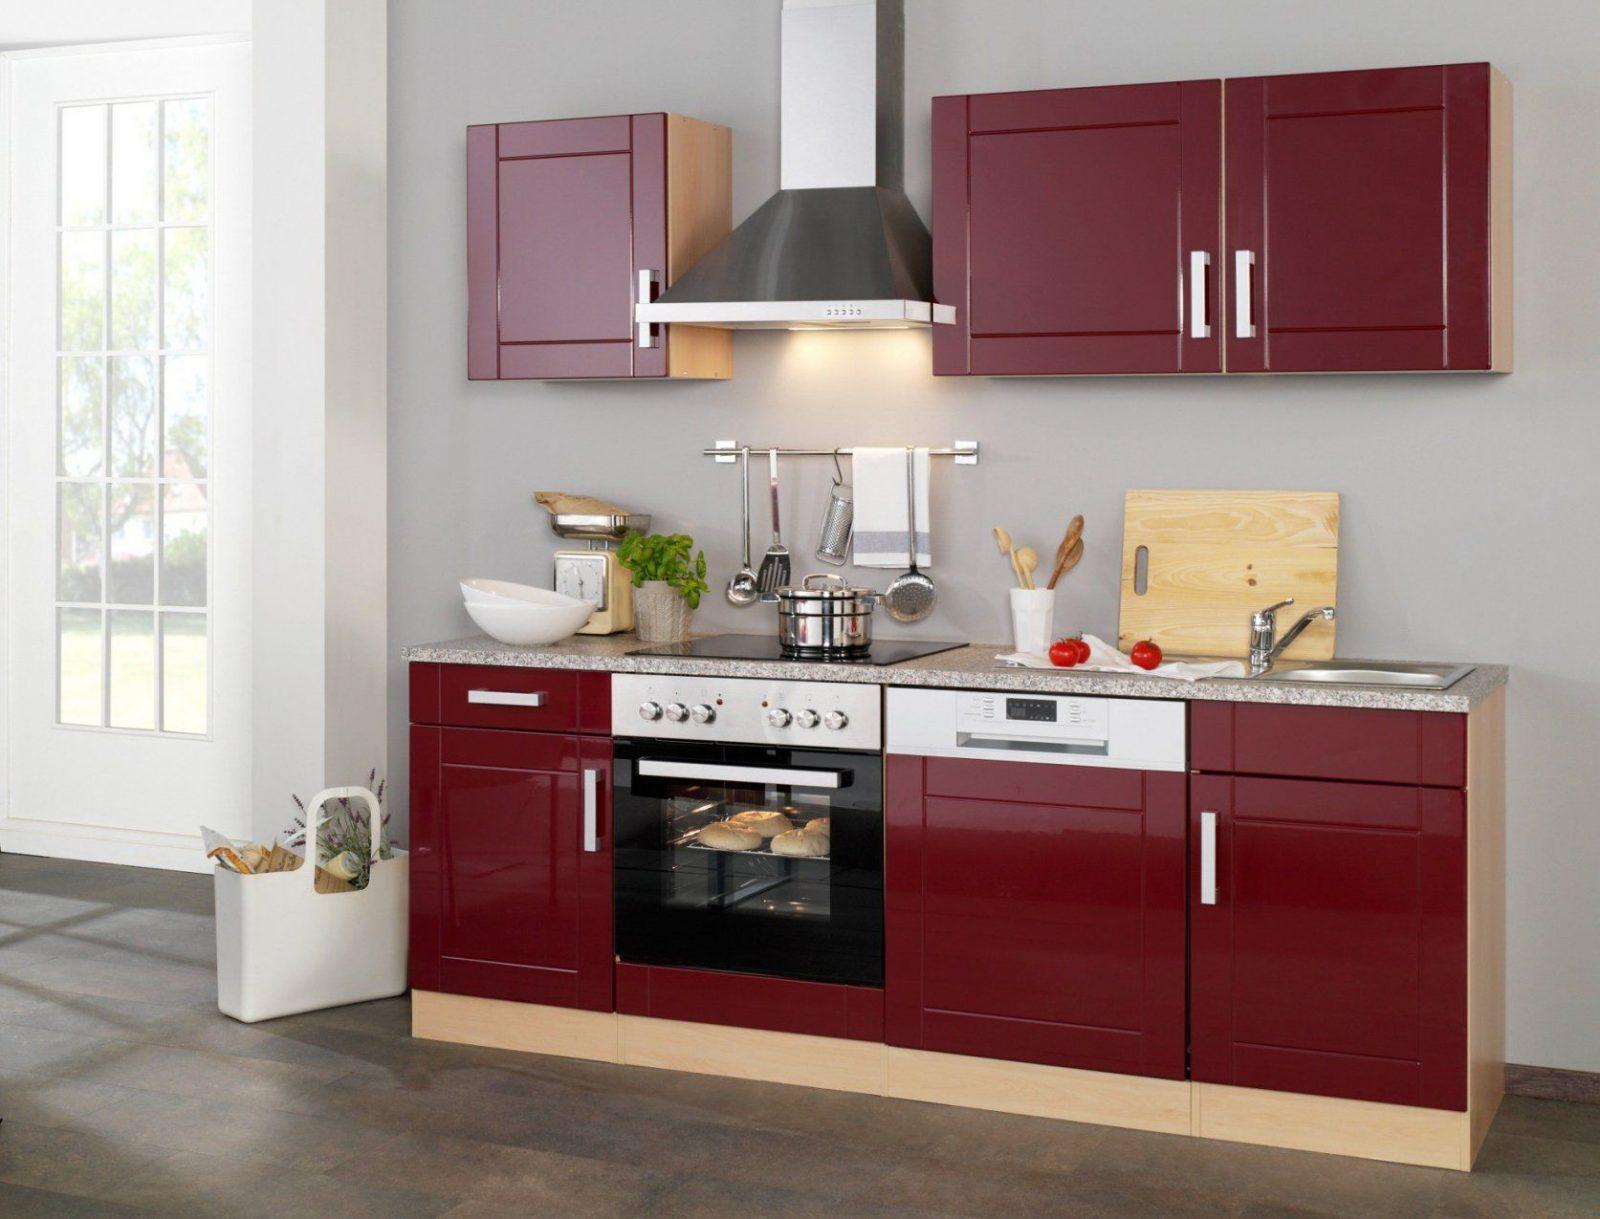 Awesome Küchenzeile 220 Cm Mit Elektrogeräten Gallery von Küchenblock 260 Cm Mit Elektrogeräten Bild